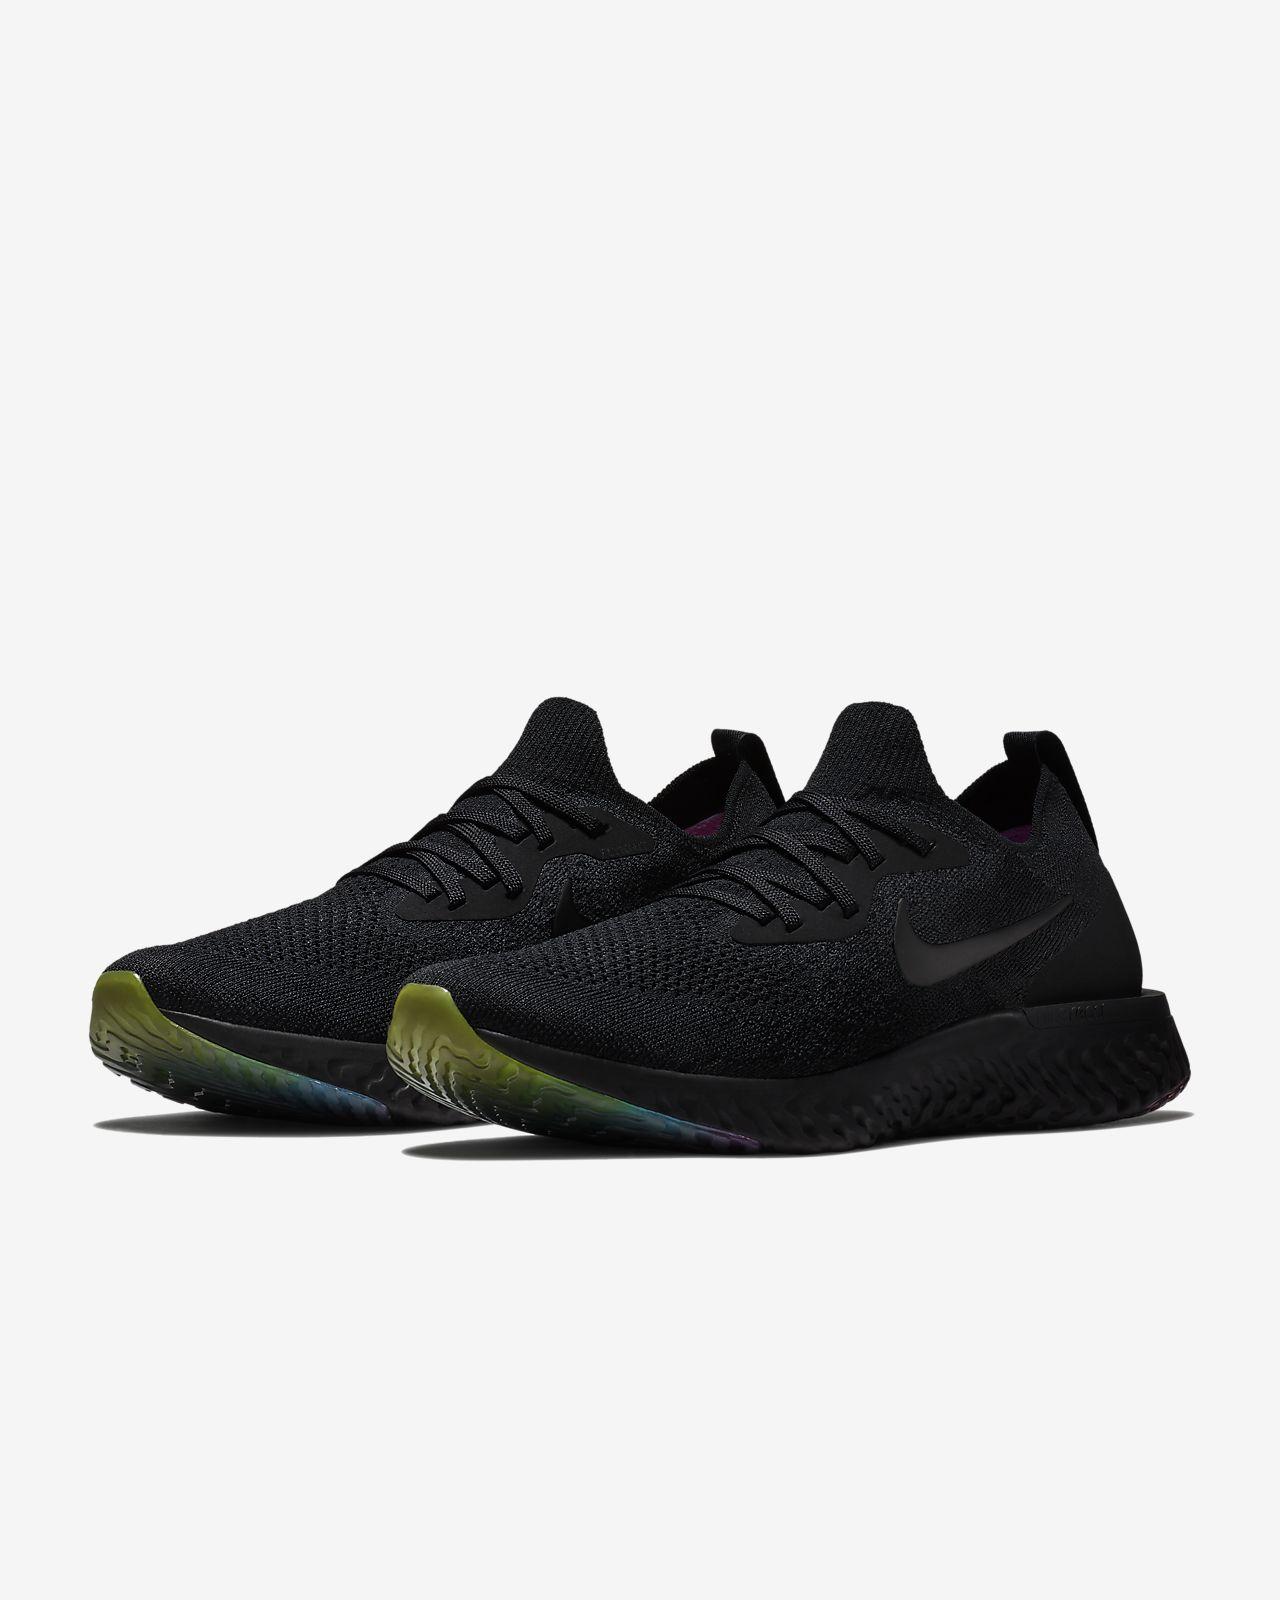 37bd82e81f46 Nike Epic React Flyknit BETRUE Men s Running Shoe. Nike.com